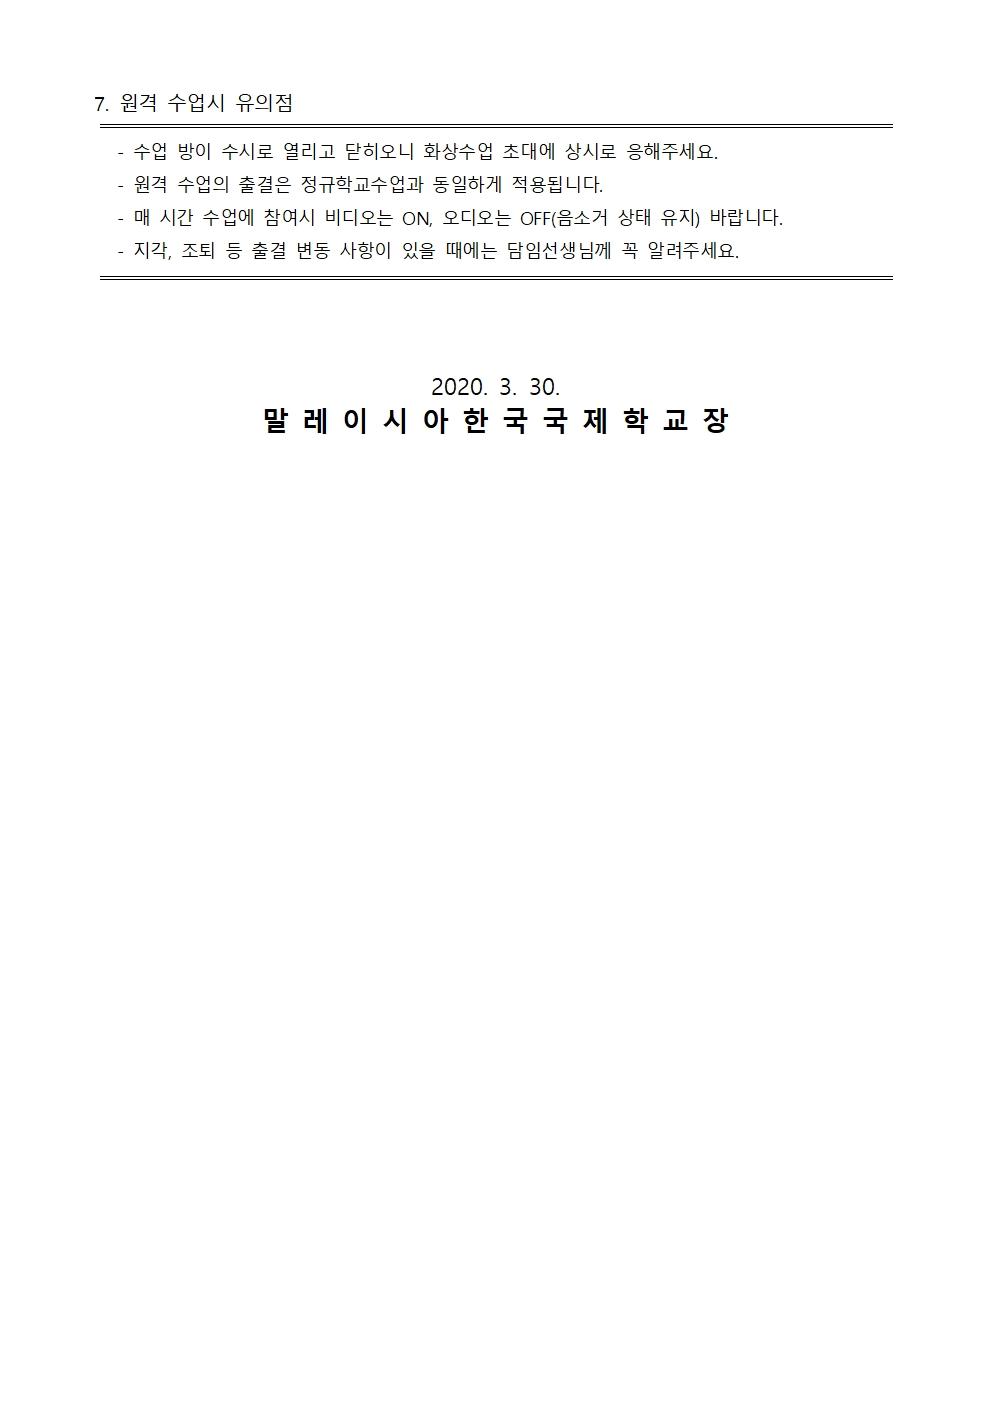 줌 이용 가정통신문004.jpg